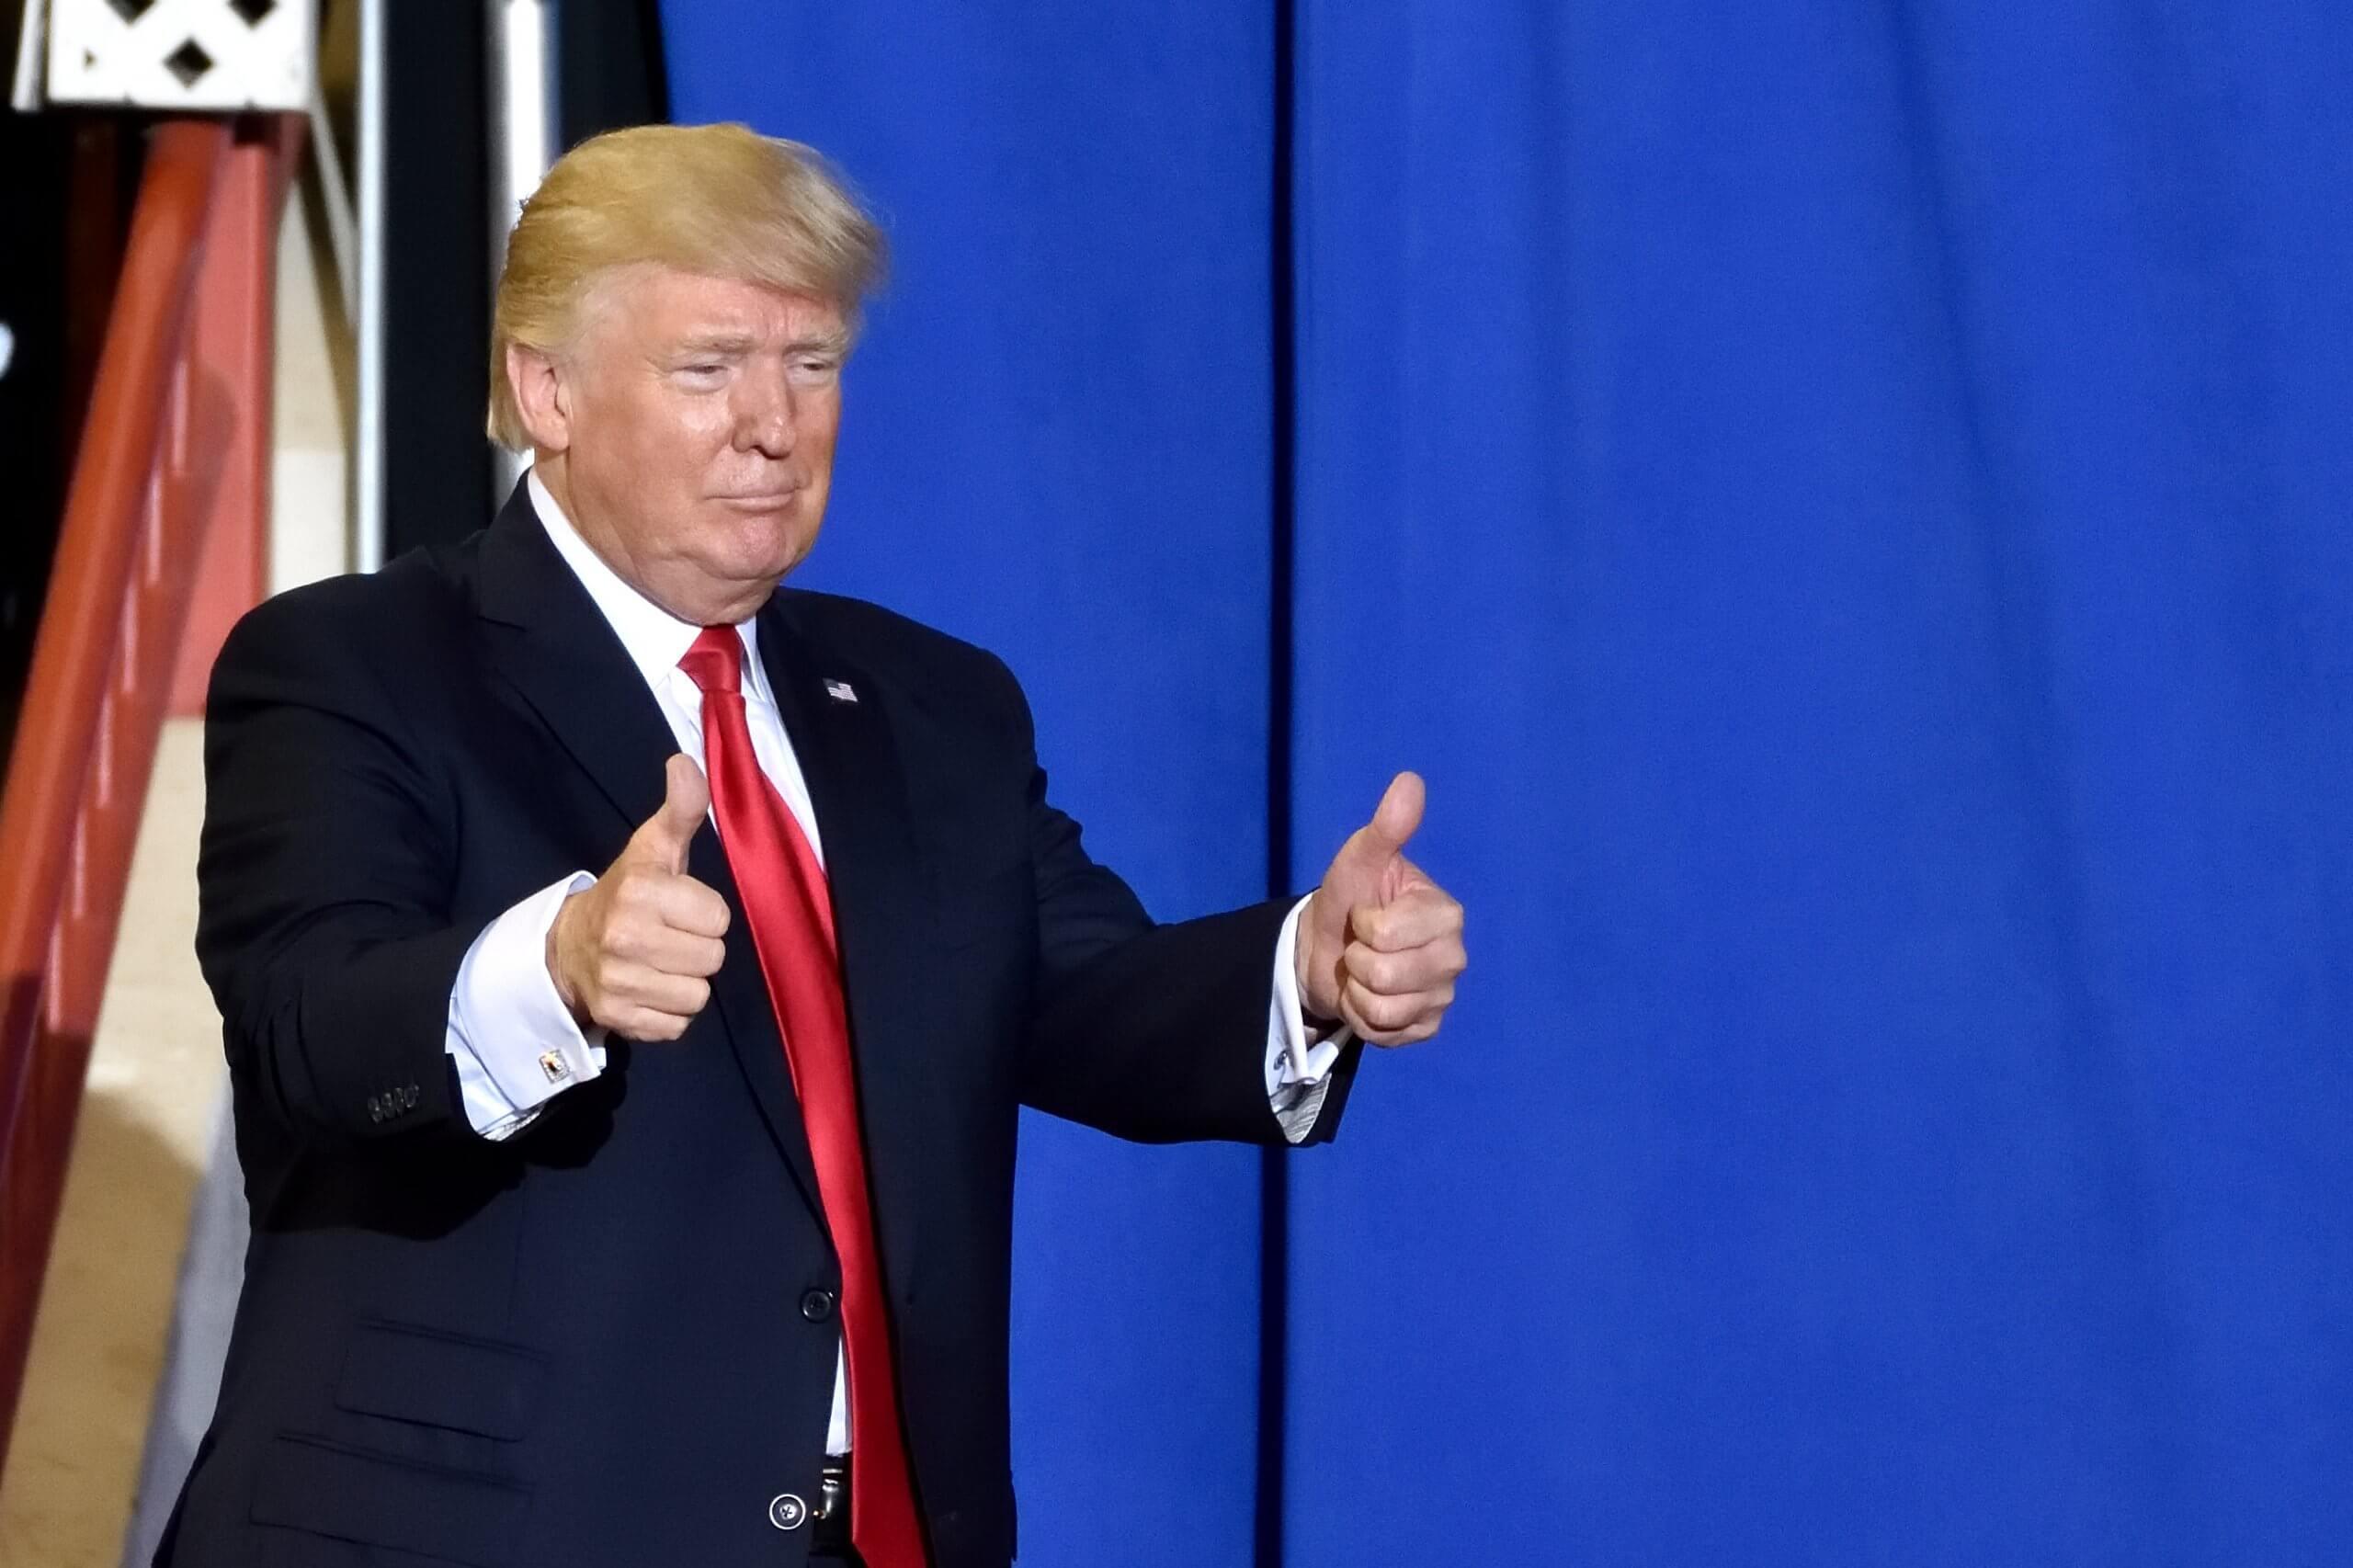 Donald Trump, bekannt als US-Präsident, zeigt beide Daumen nach oben und schaut etwas dümmlich aus der wäsche